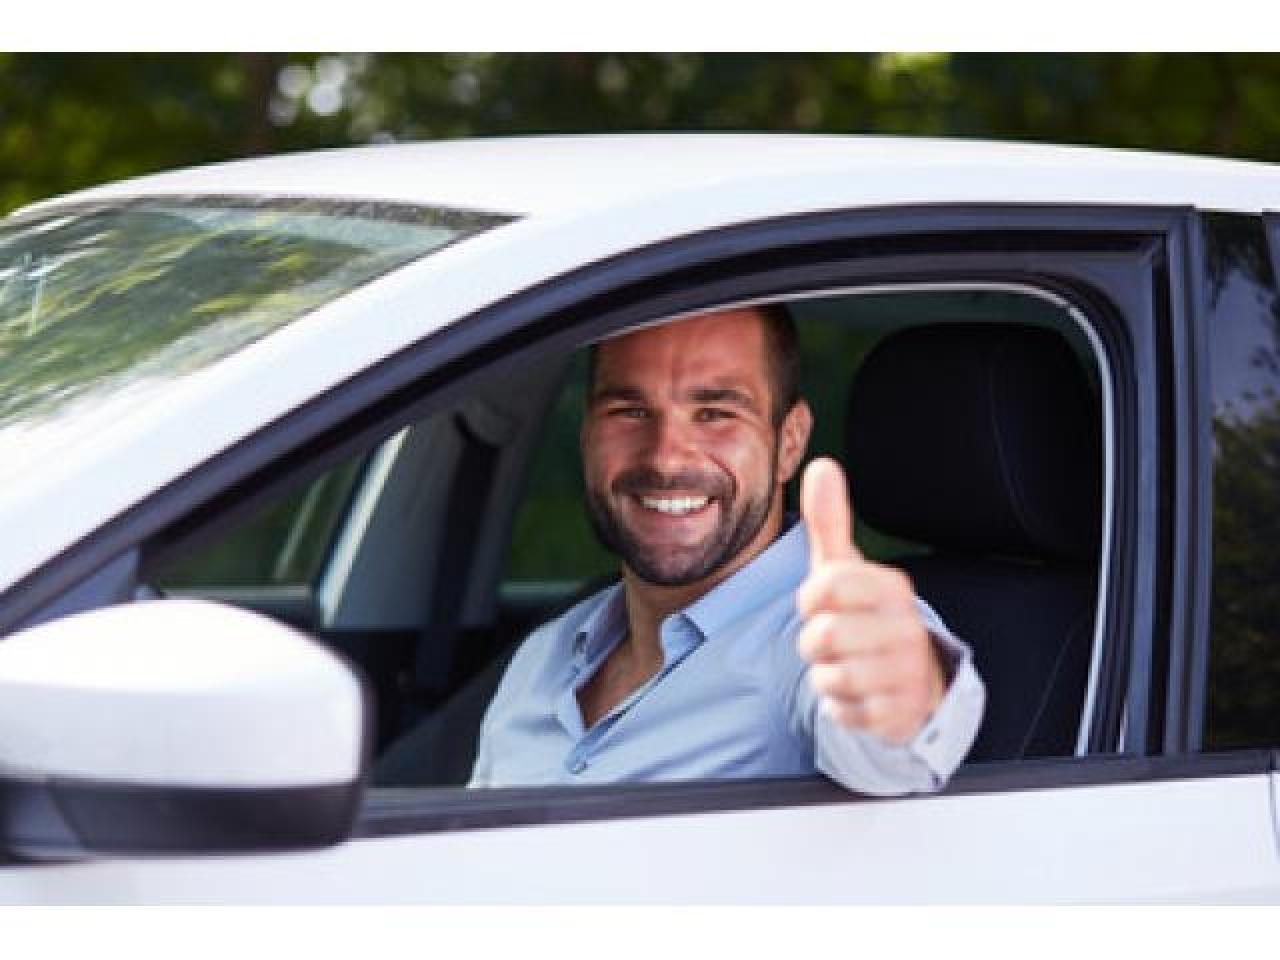 Персональный водитель с автомобилем для деловых людей в ЮАР. Трансферы в ЮАР. - 2